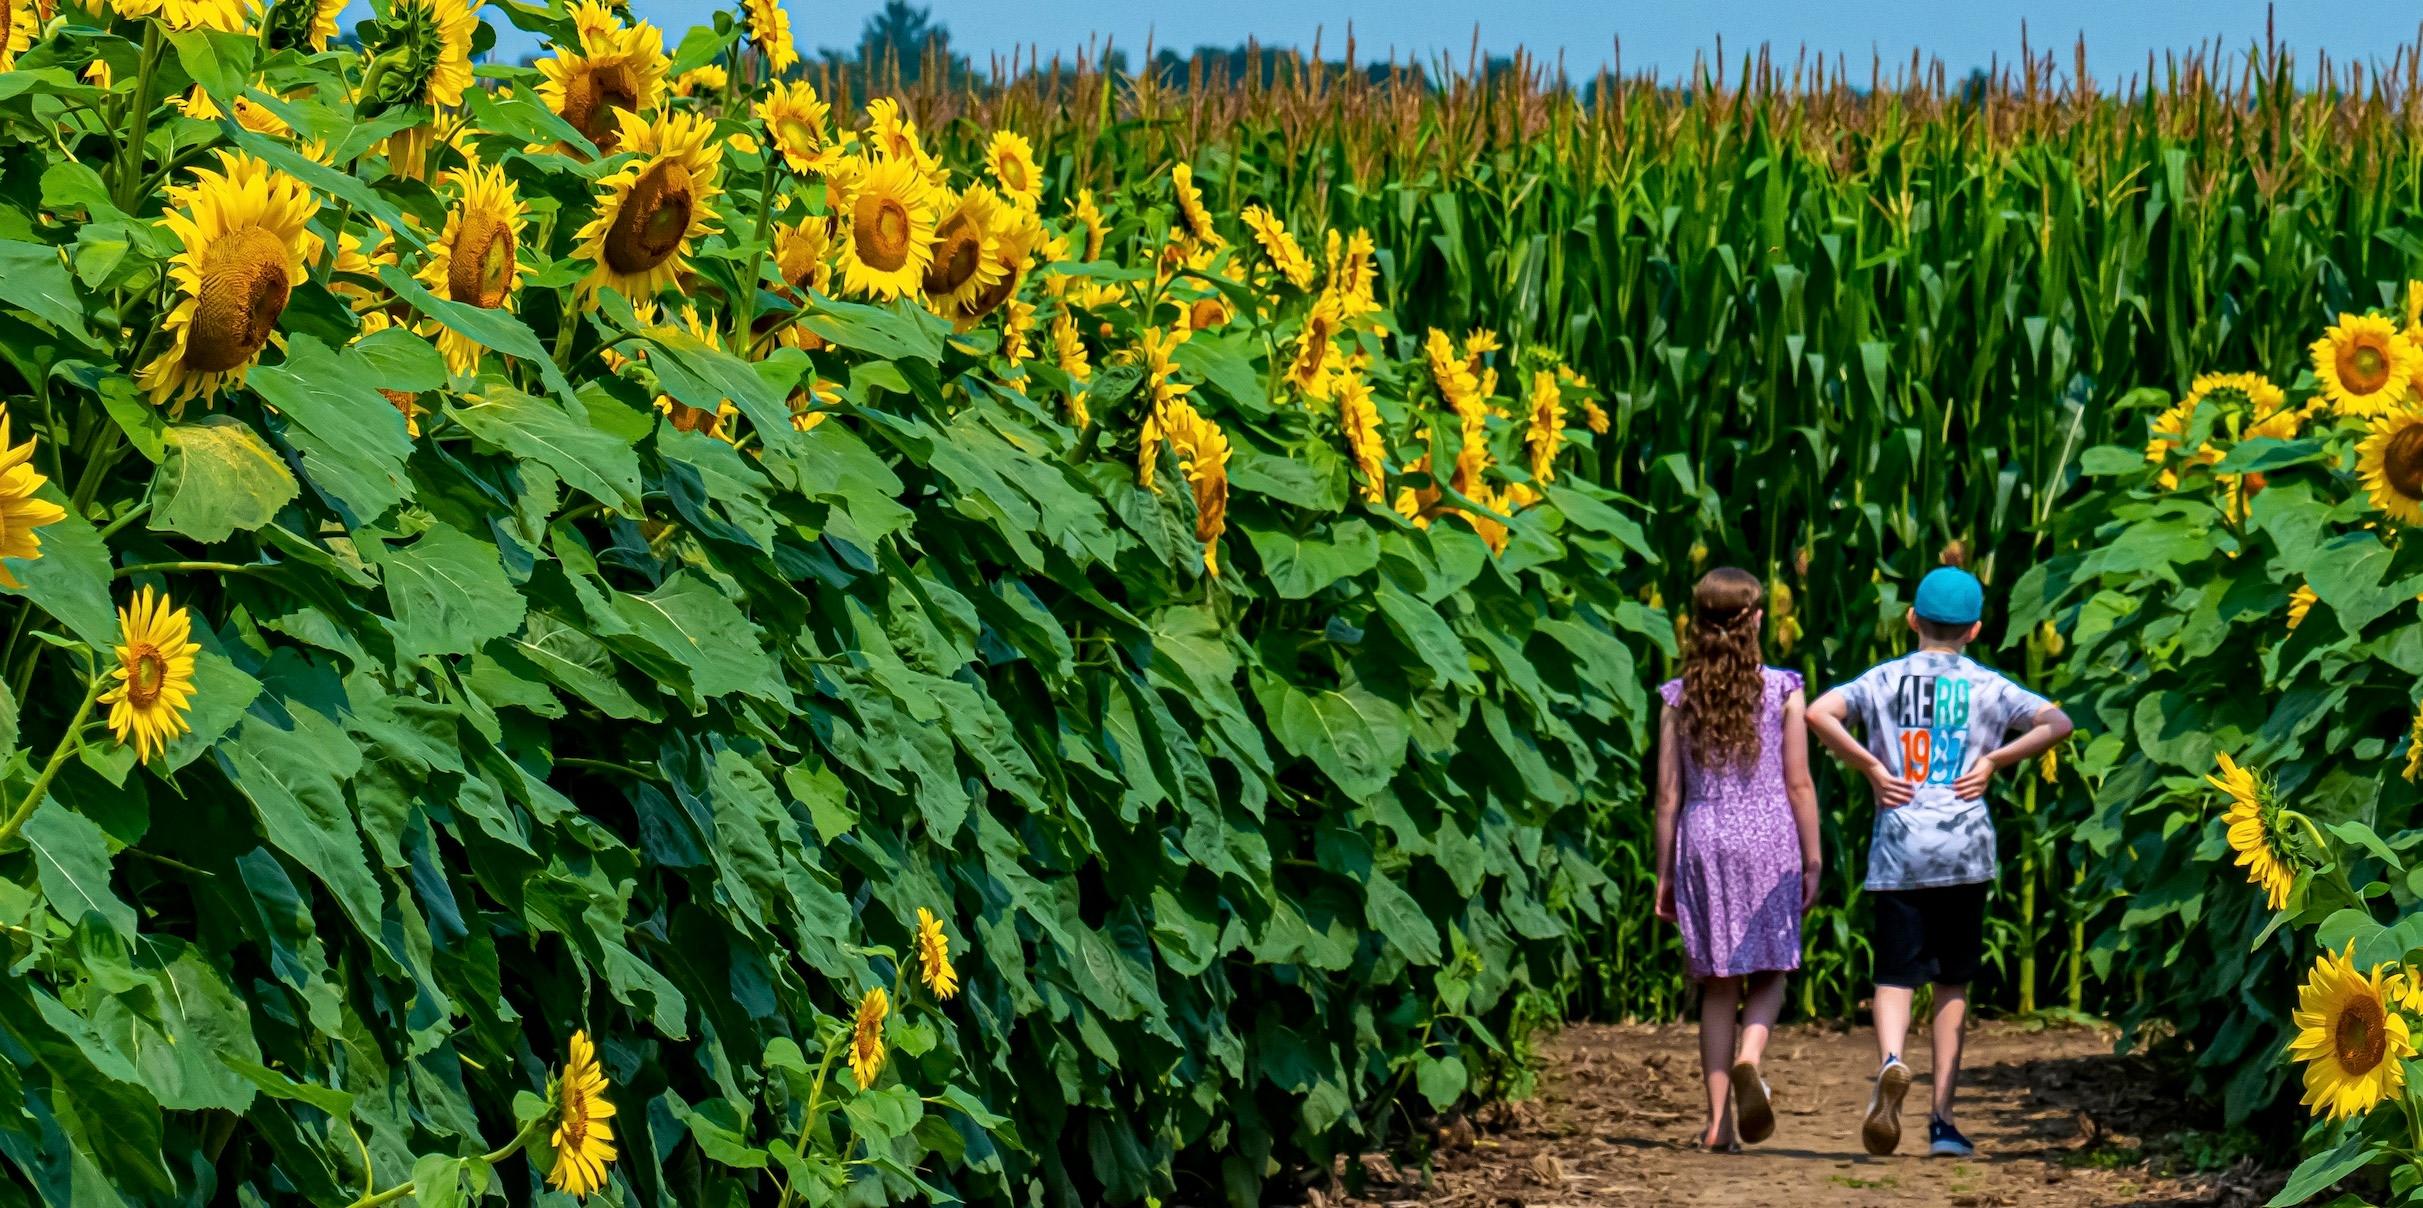 <div class='title'>           SunflowerWalk         </div>